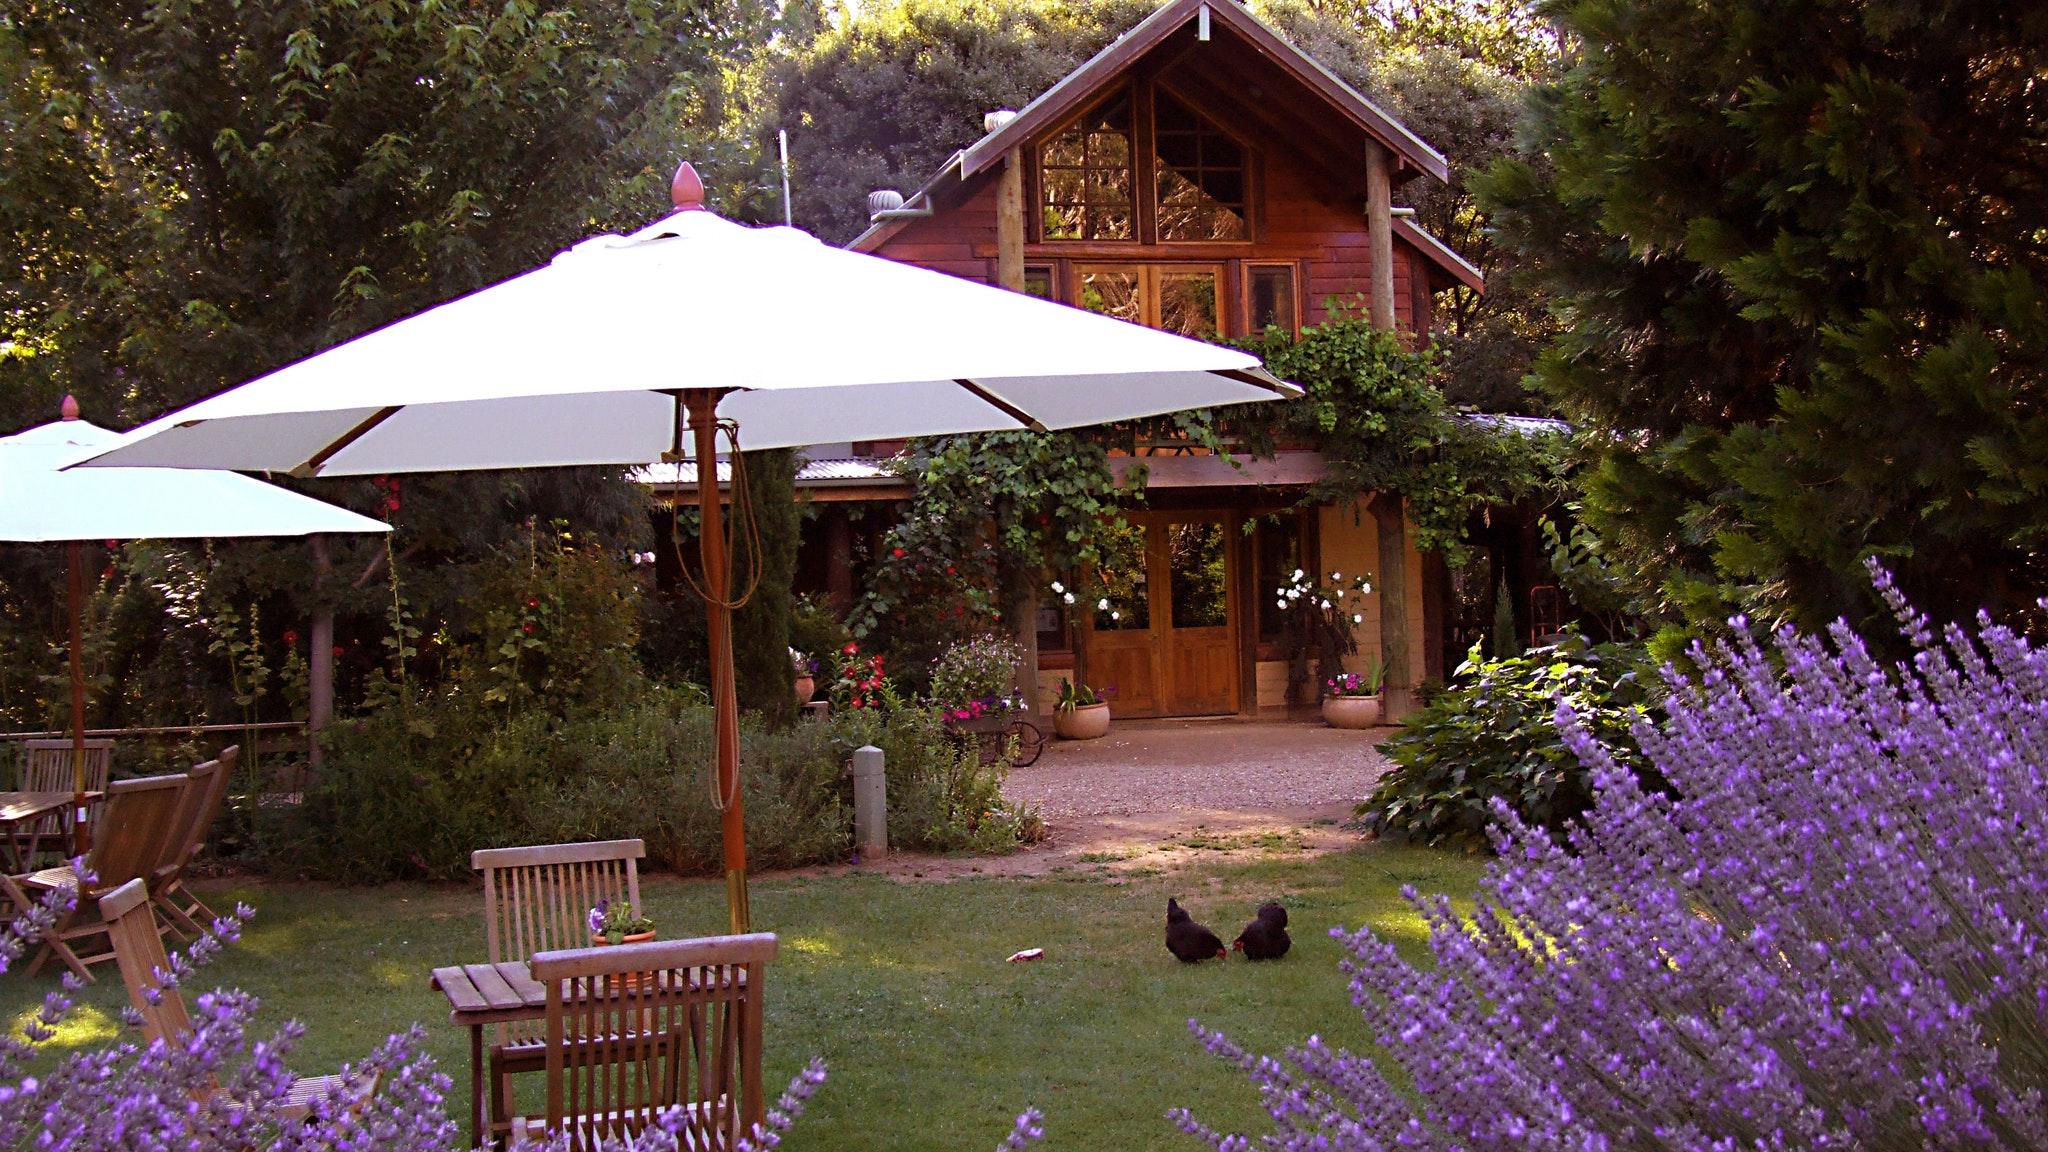 Lavender in bloom in summer at Lavender Hue